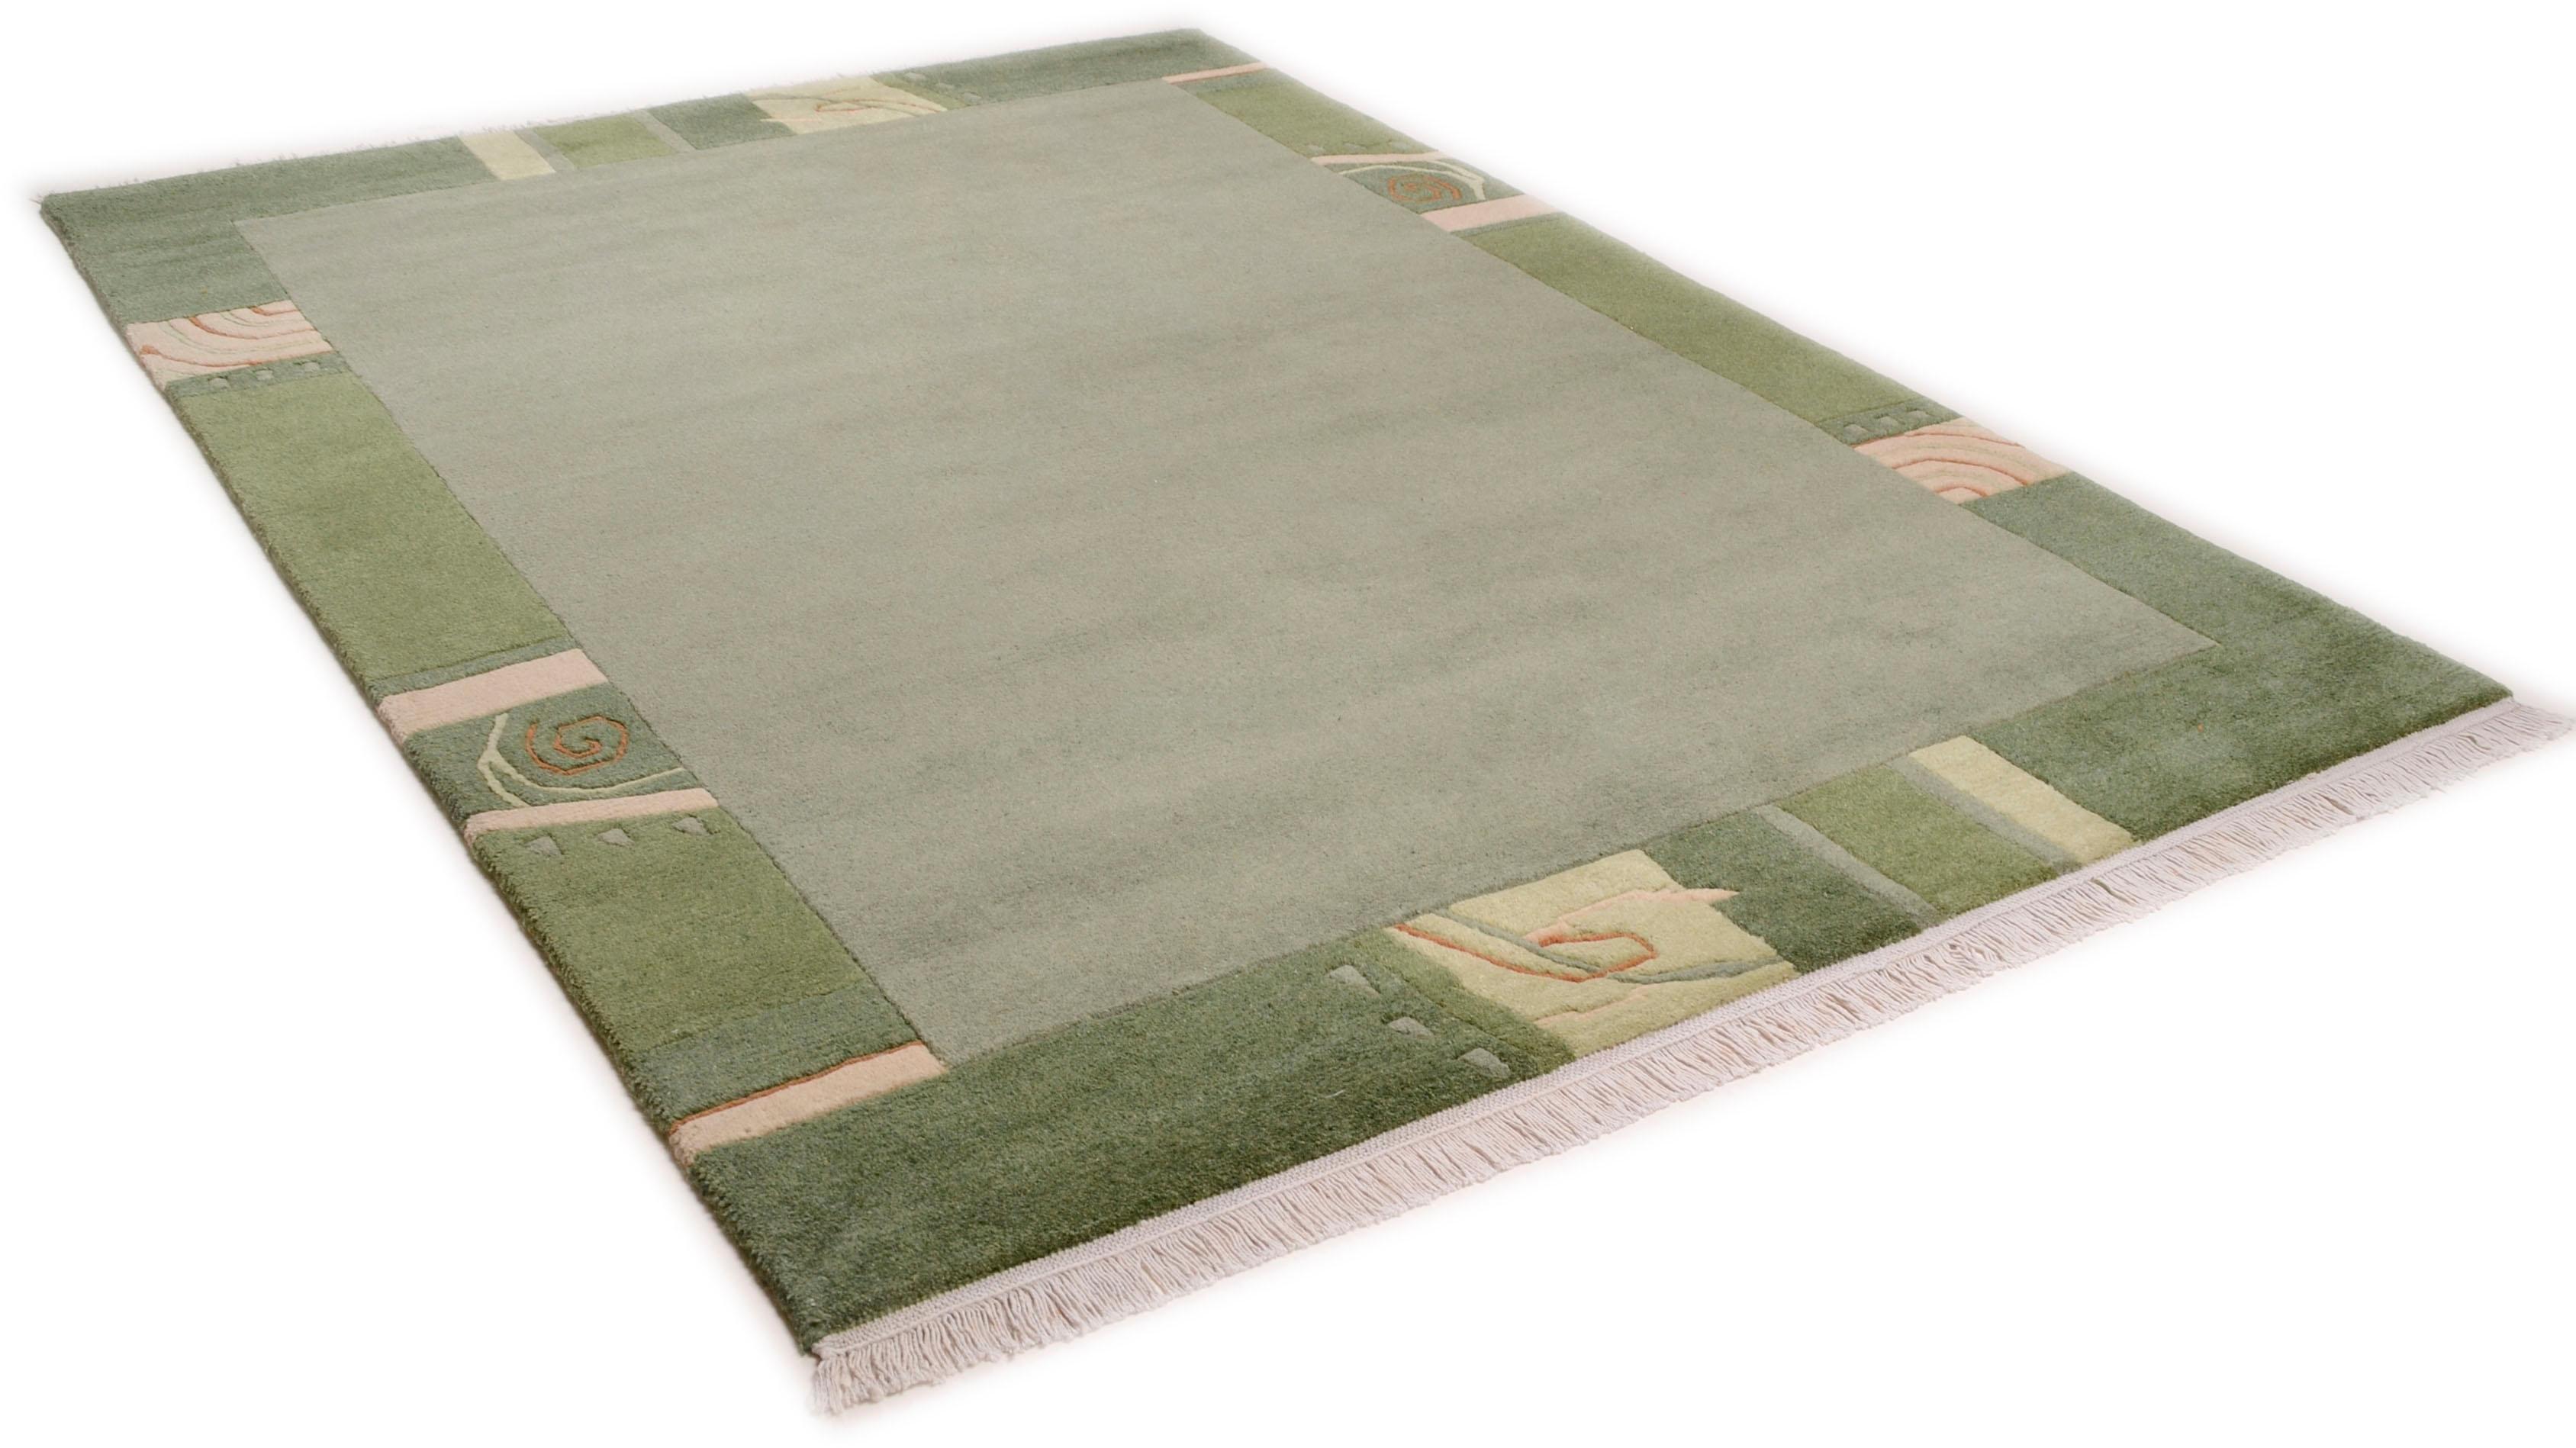 THEKO Vloerkleed, »Sierra 12447«, rechthoekig, hoogte 14 mm, met de hand geknoopt goedkoop op otto.nl kopen